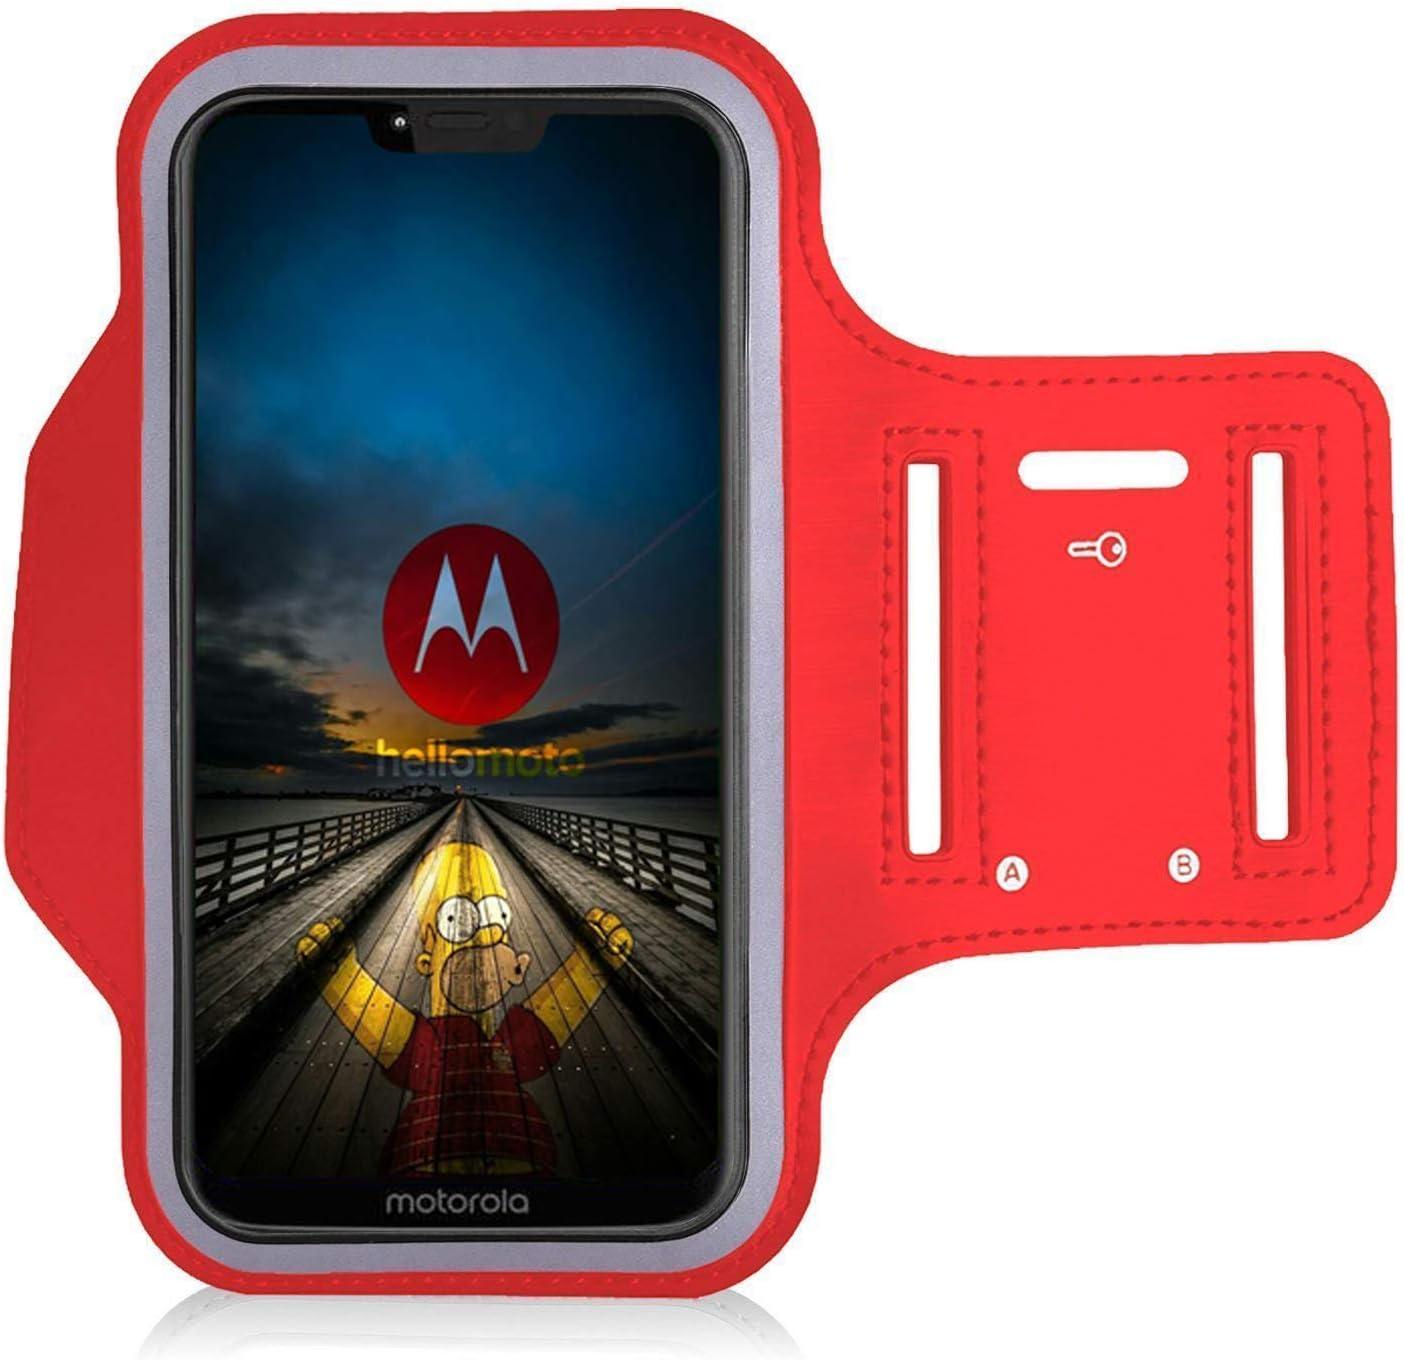 randonn/ée v/élo KP TECHNOLOGY Moto G7 Power Brassard pour course /à pied marche cano/ë /équitation et autres sports pour Motorola Moto G7 Power